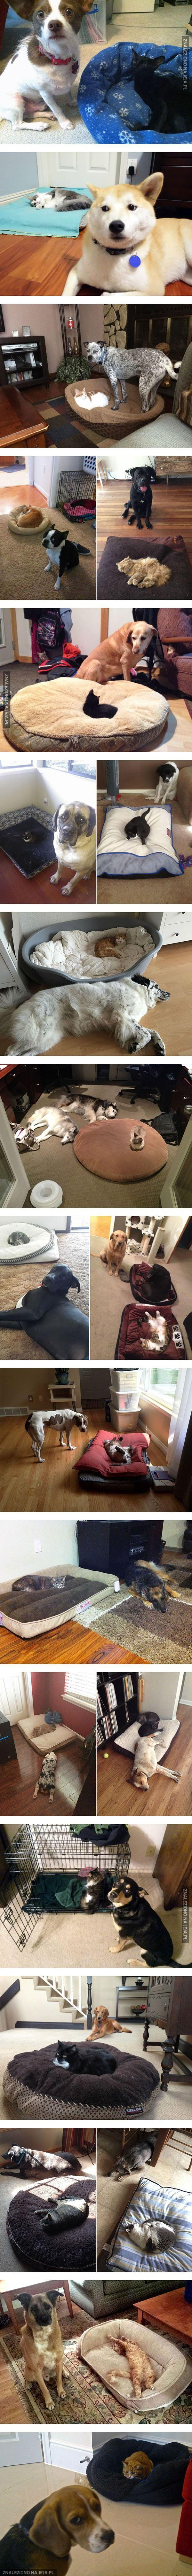 Psie posłania ukradzione przez koty